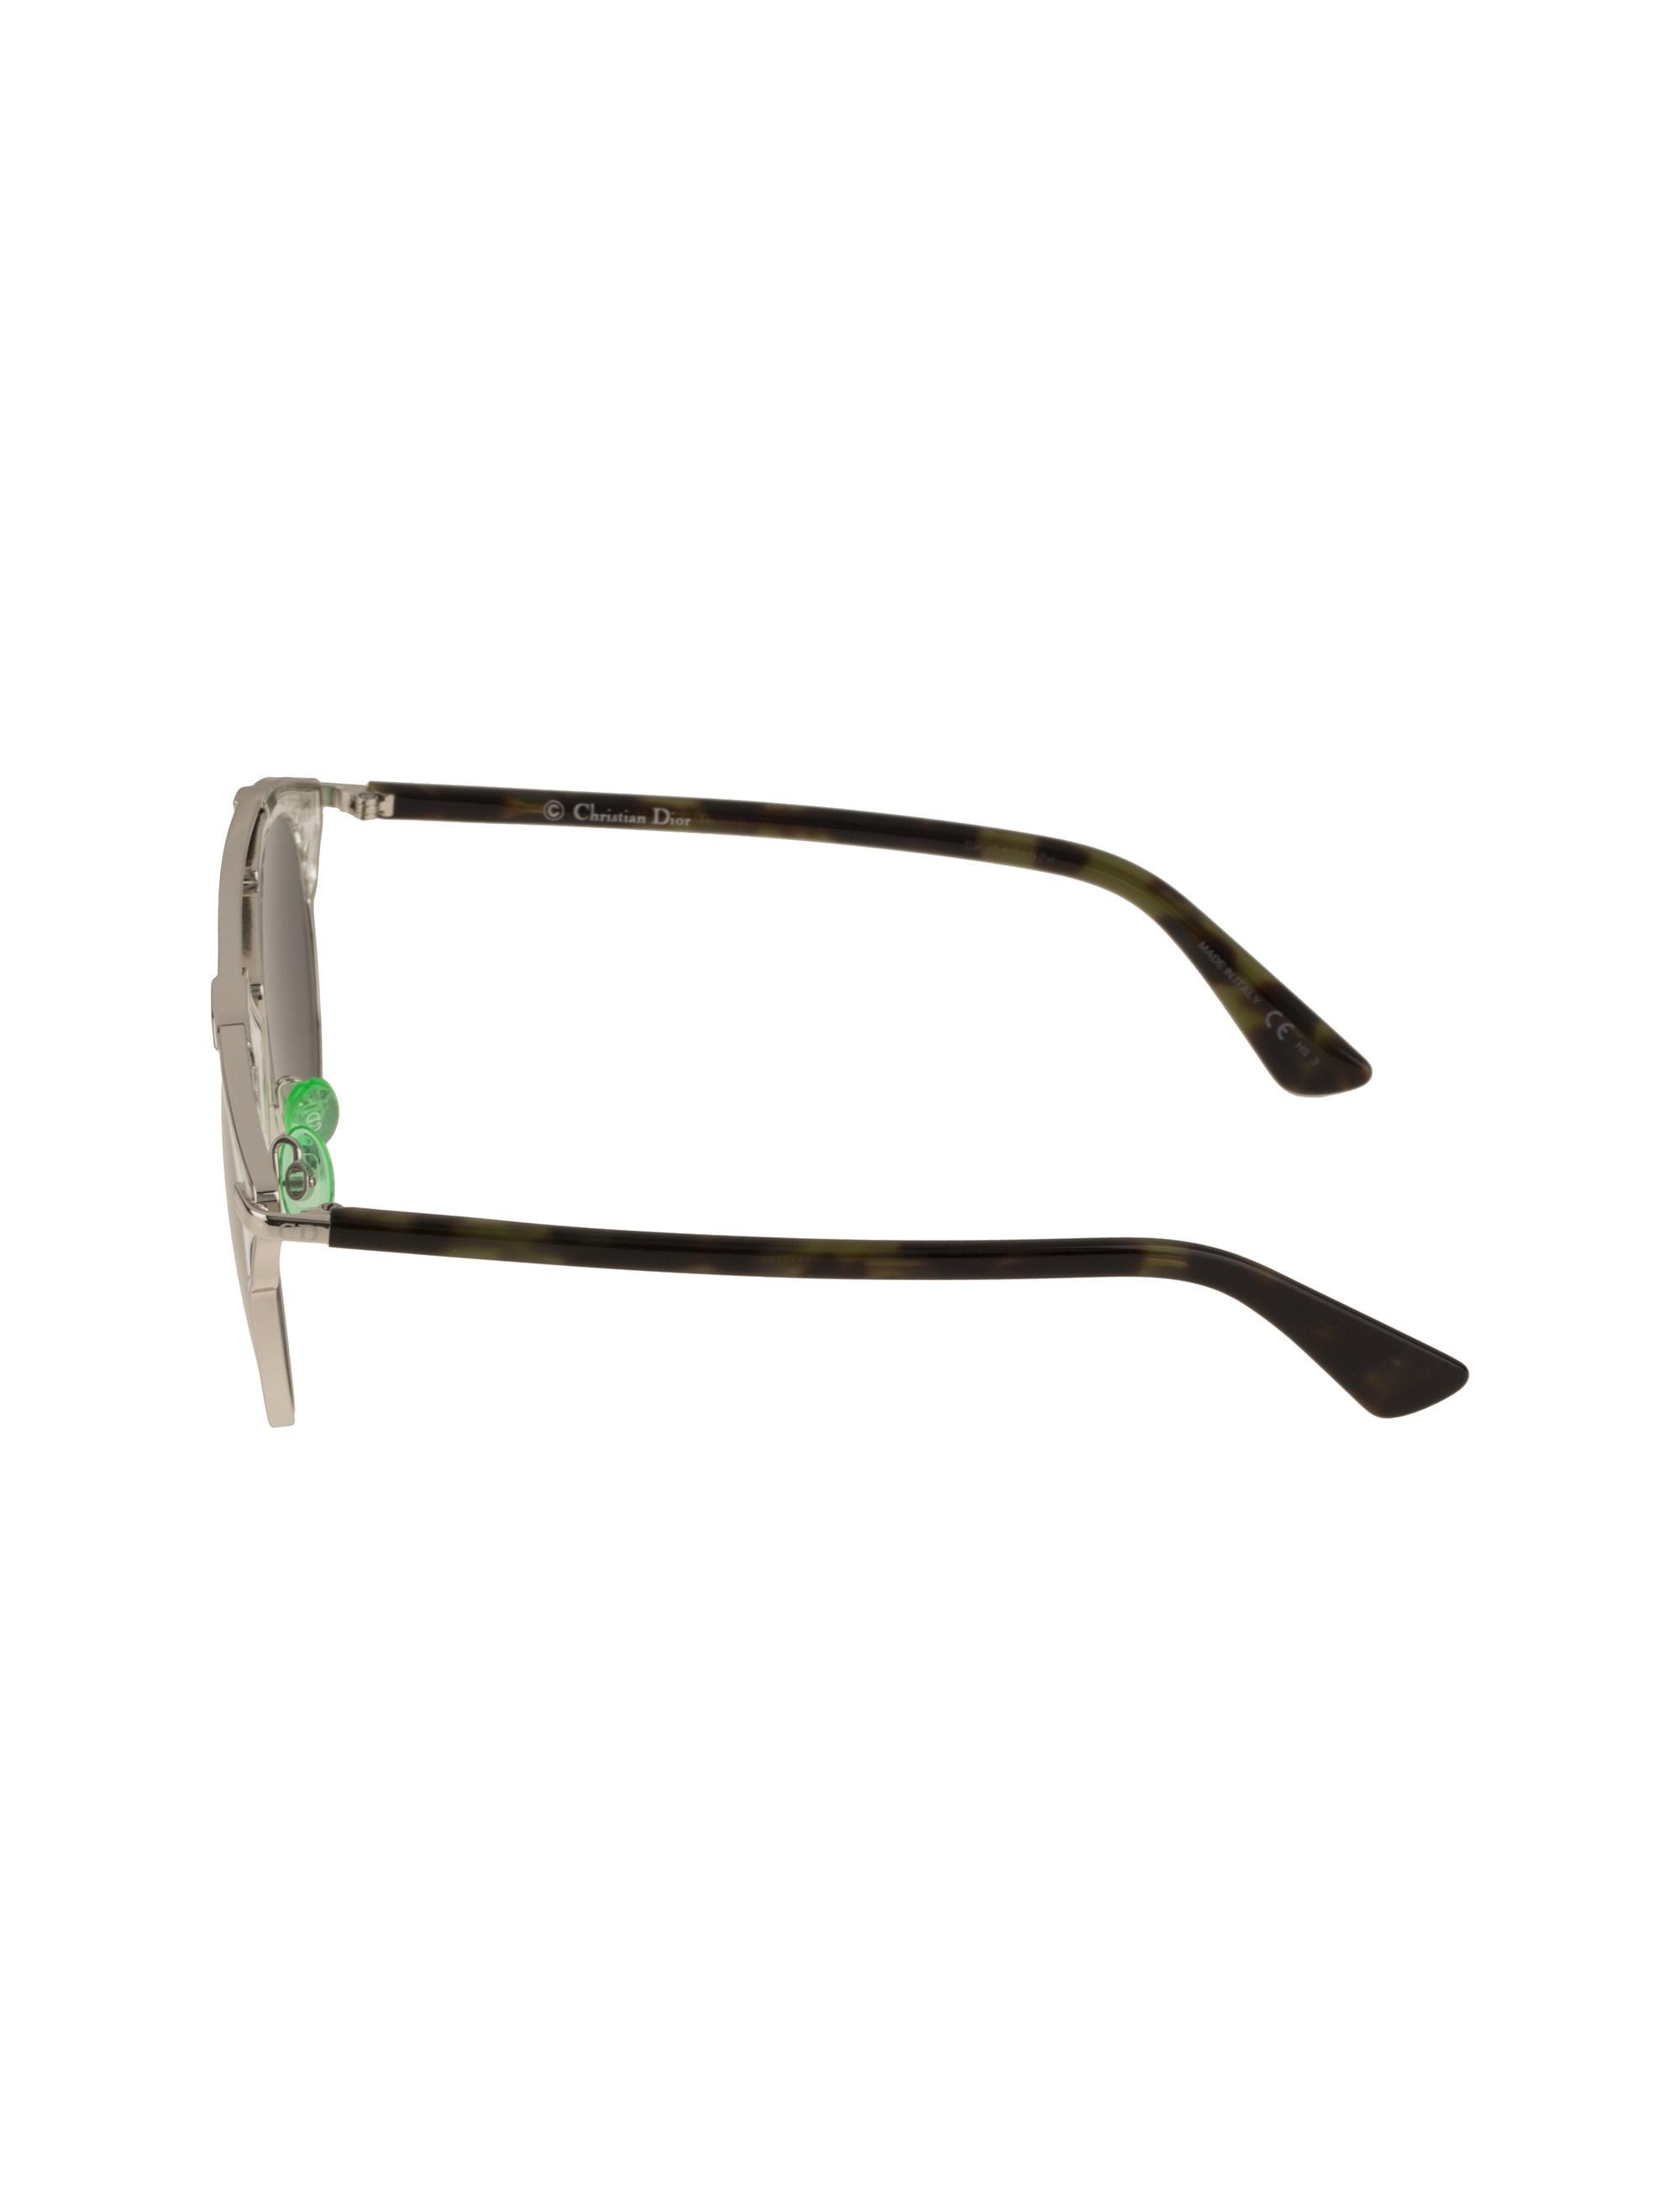 عینک آفتابی پنتوس زنانه - دیور - نقره اي - 3